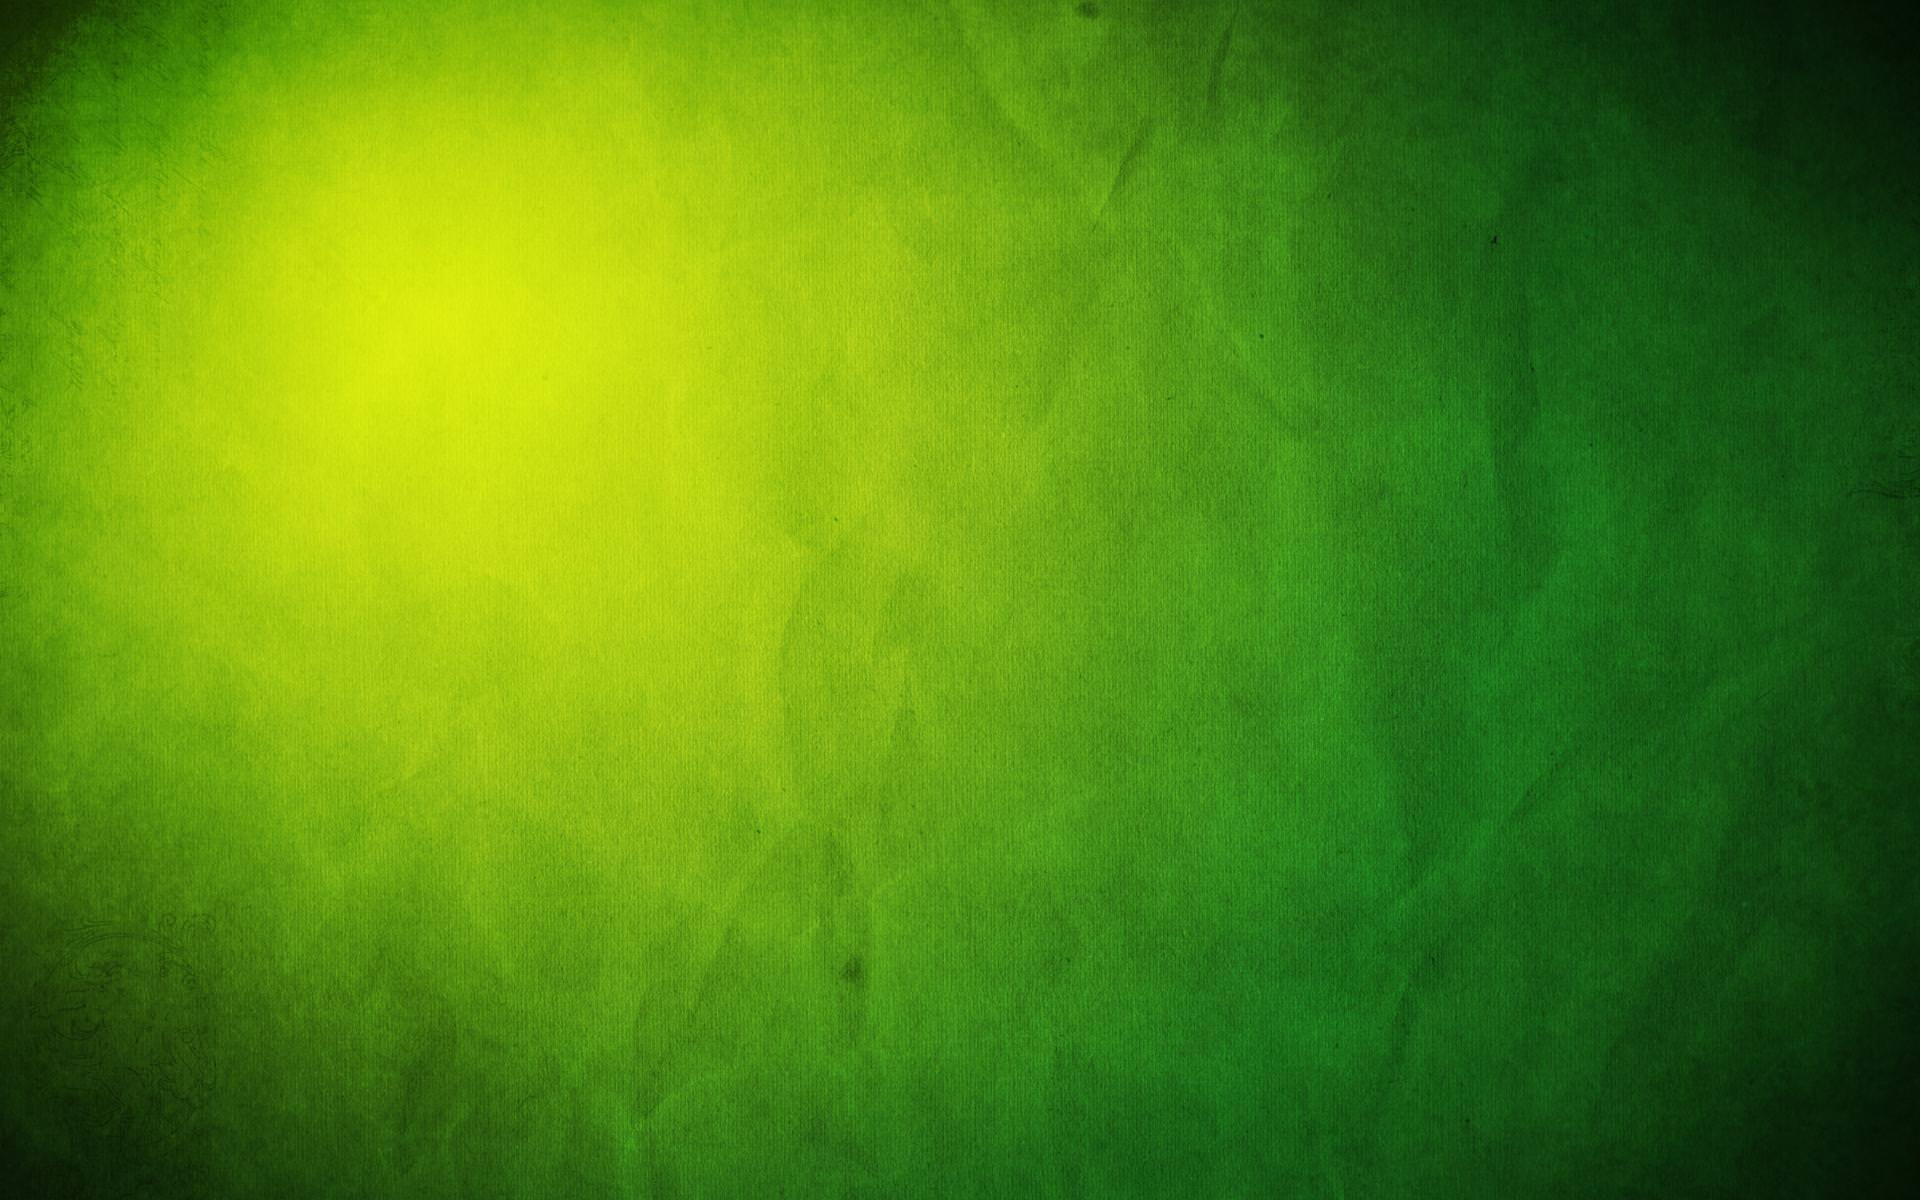 Green Grunge HD Wallpaper for Desktop